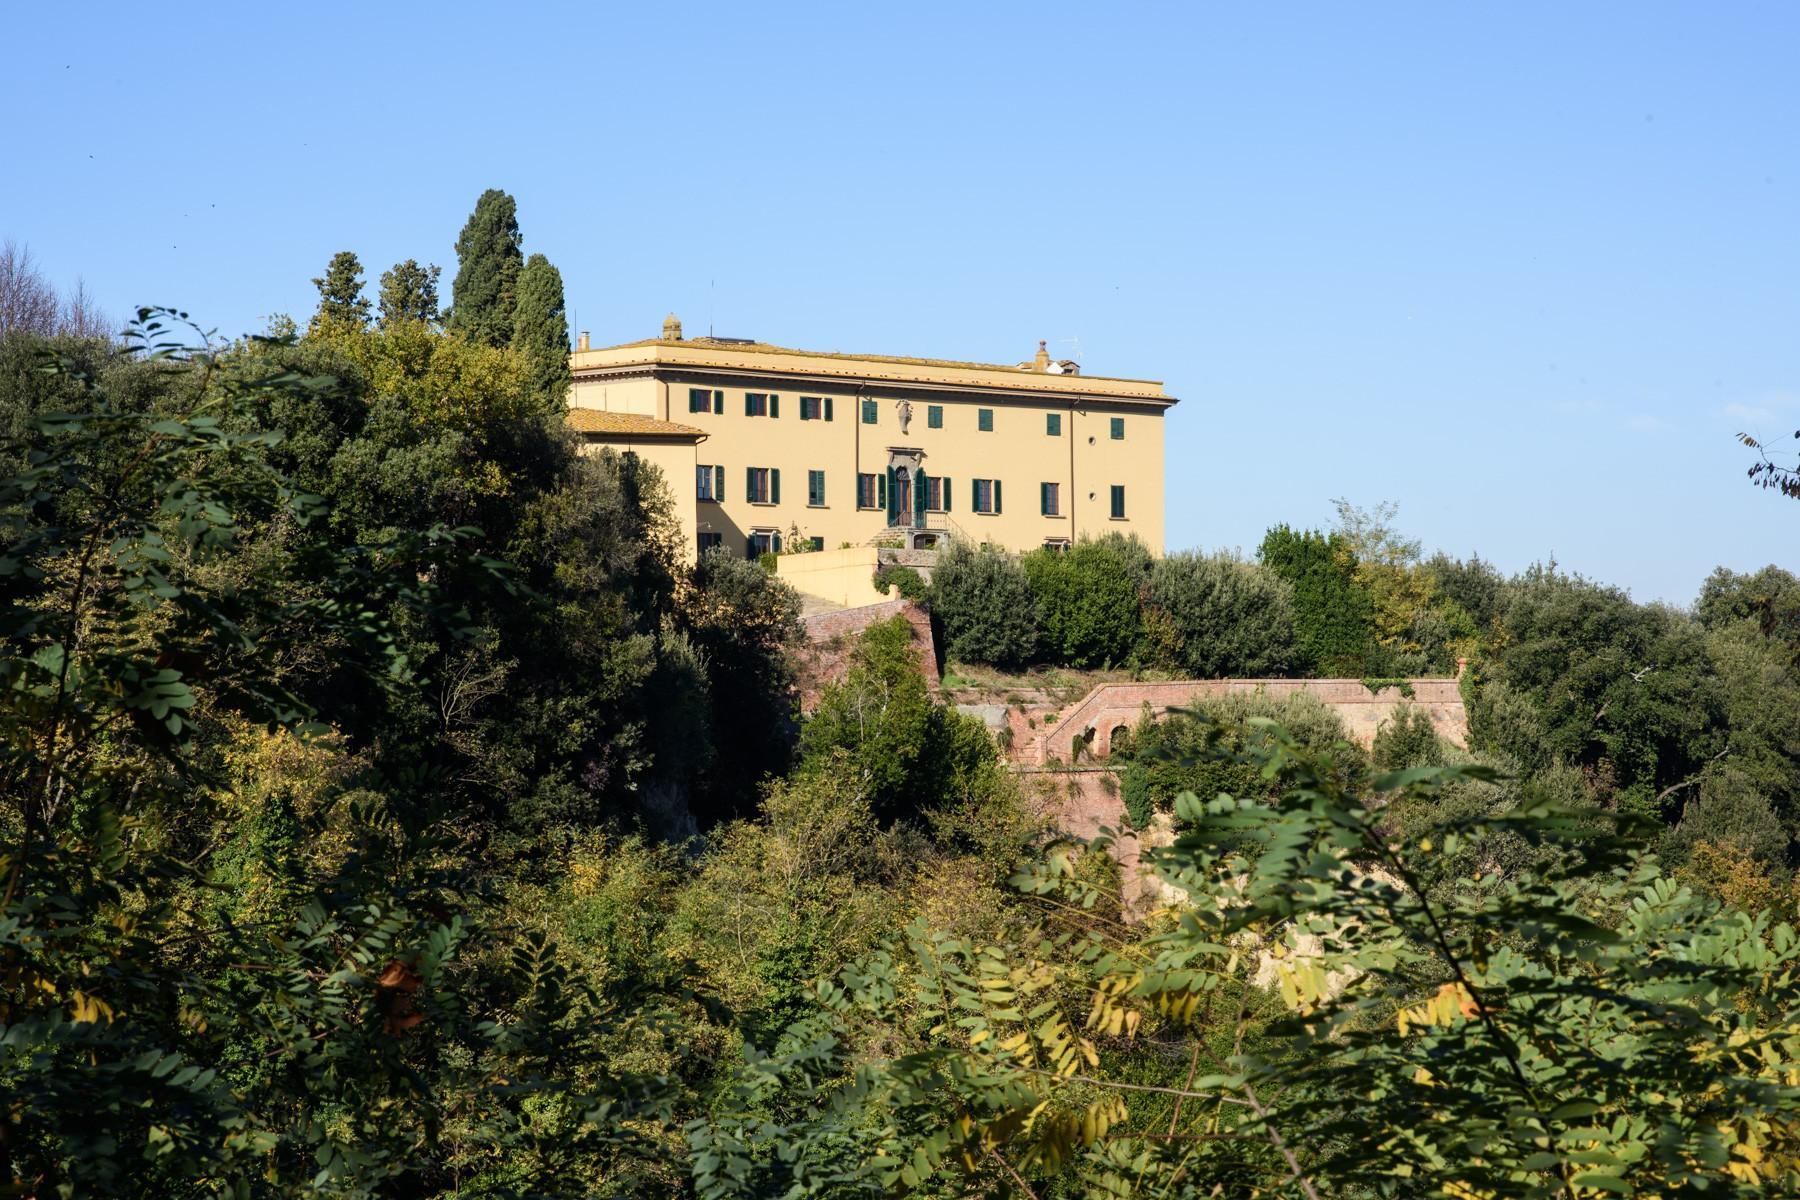 Magnifique villa historique et réserve de chasse près de Florence - 2